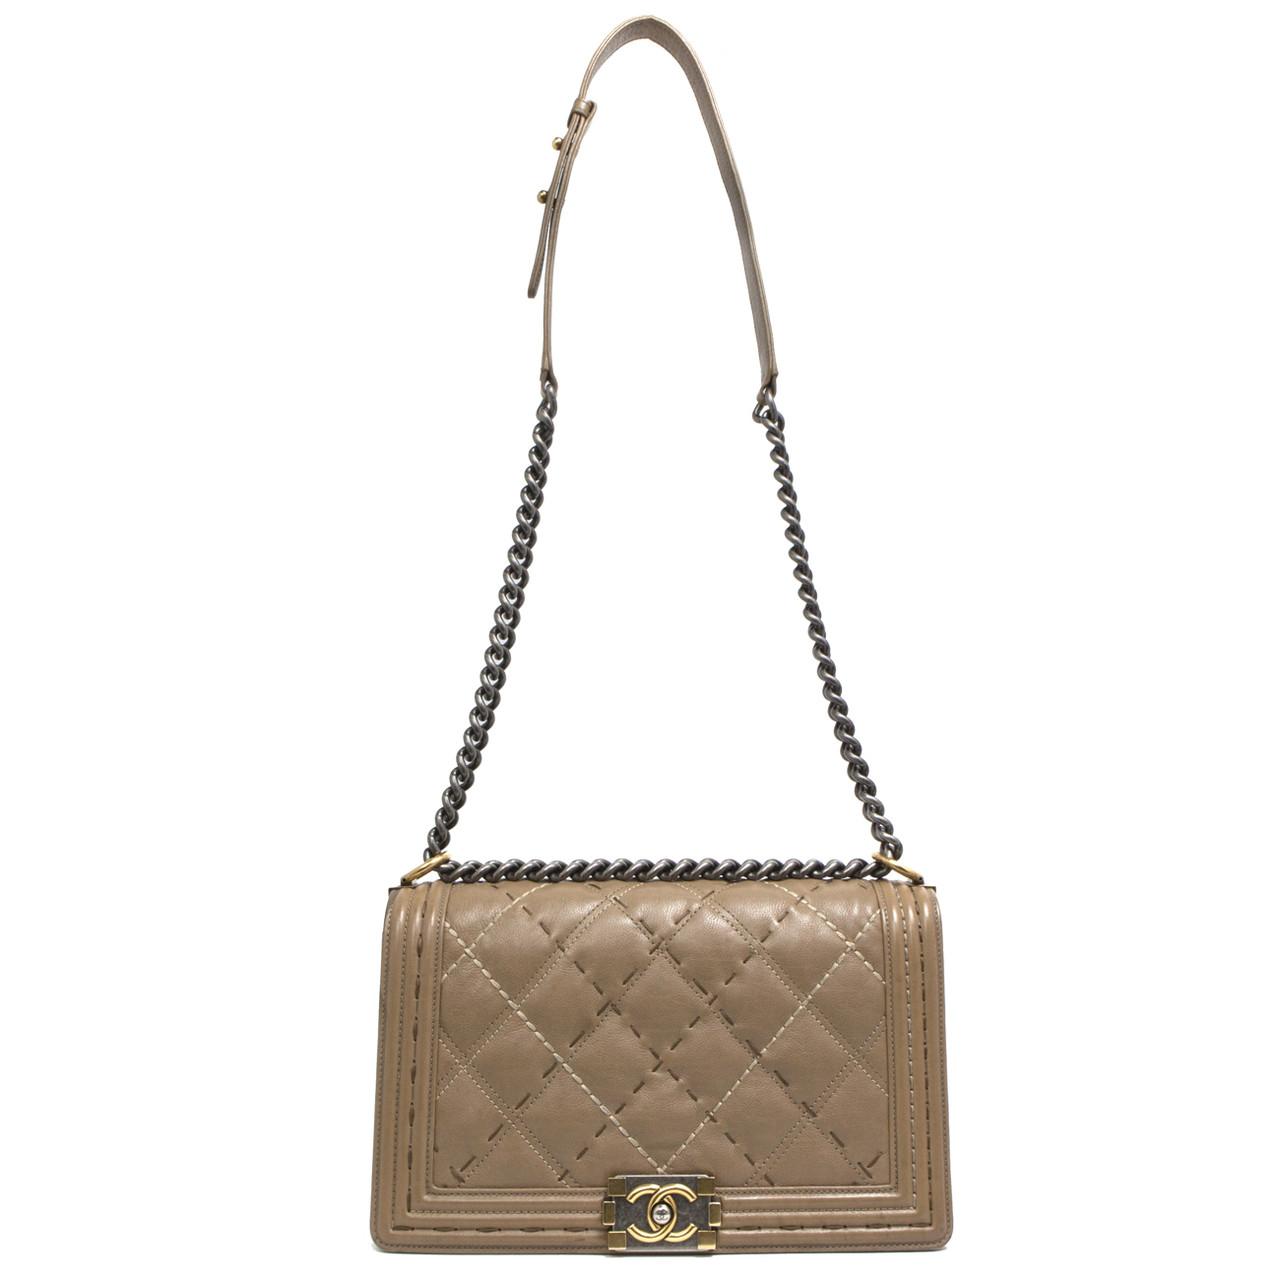 e58c42c92237ce Chanel Dark Beige Calfskin New Medium Double Stitch Boy Bag - modaselle